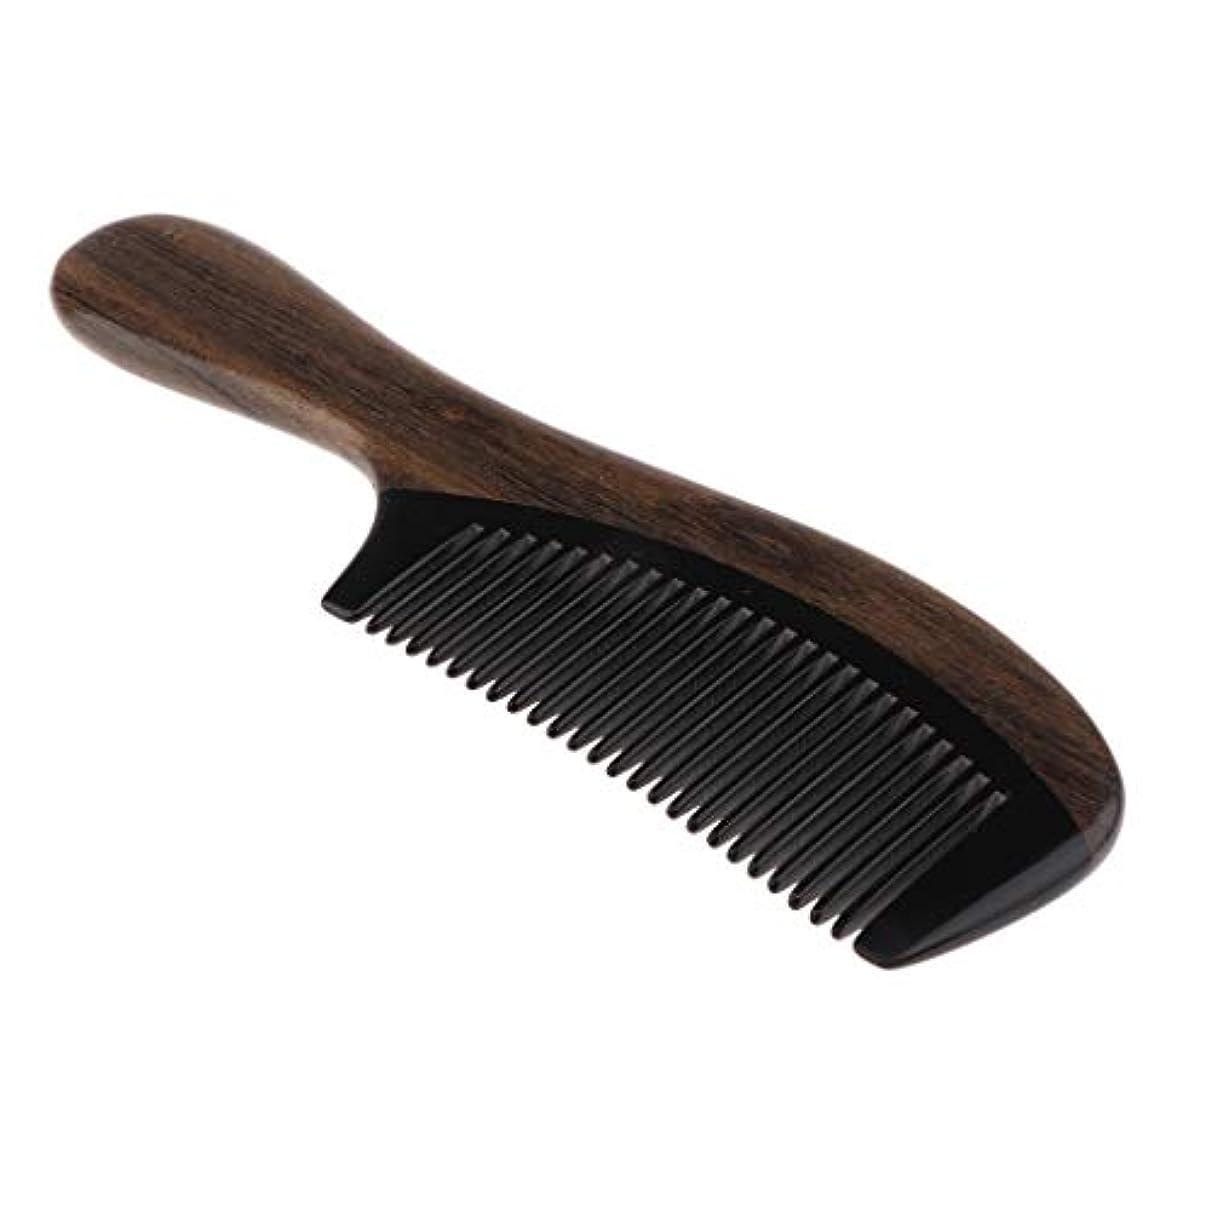 スティーブンソン複合差別くし コーム 木製 木製櫛 ヘア櫛 ヘアブラシ 頭皮マッサージ ヘアケア 頭皮に優しい ヘアケアツール